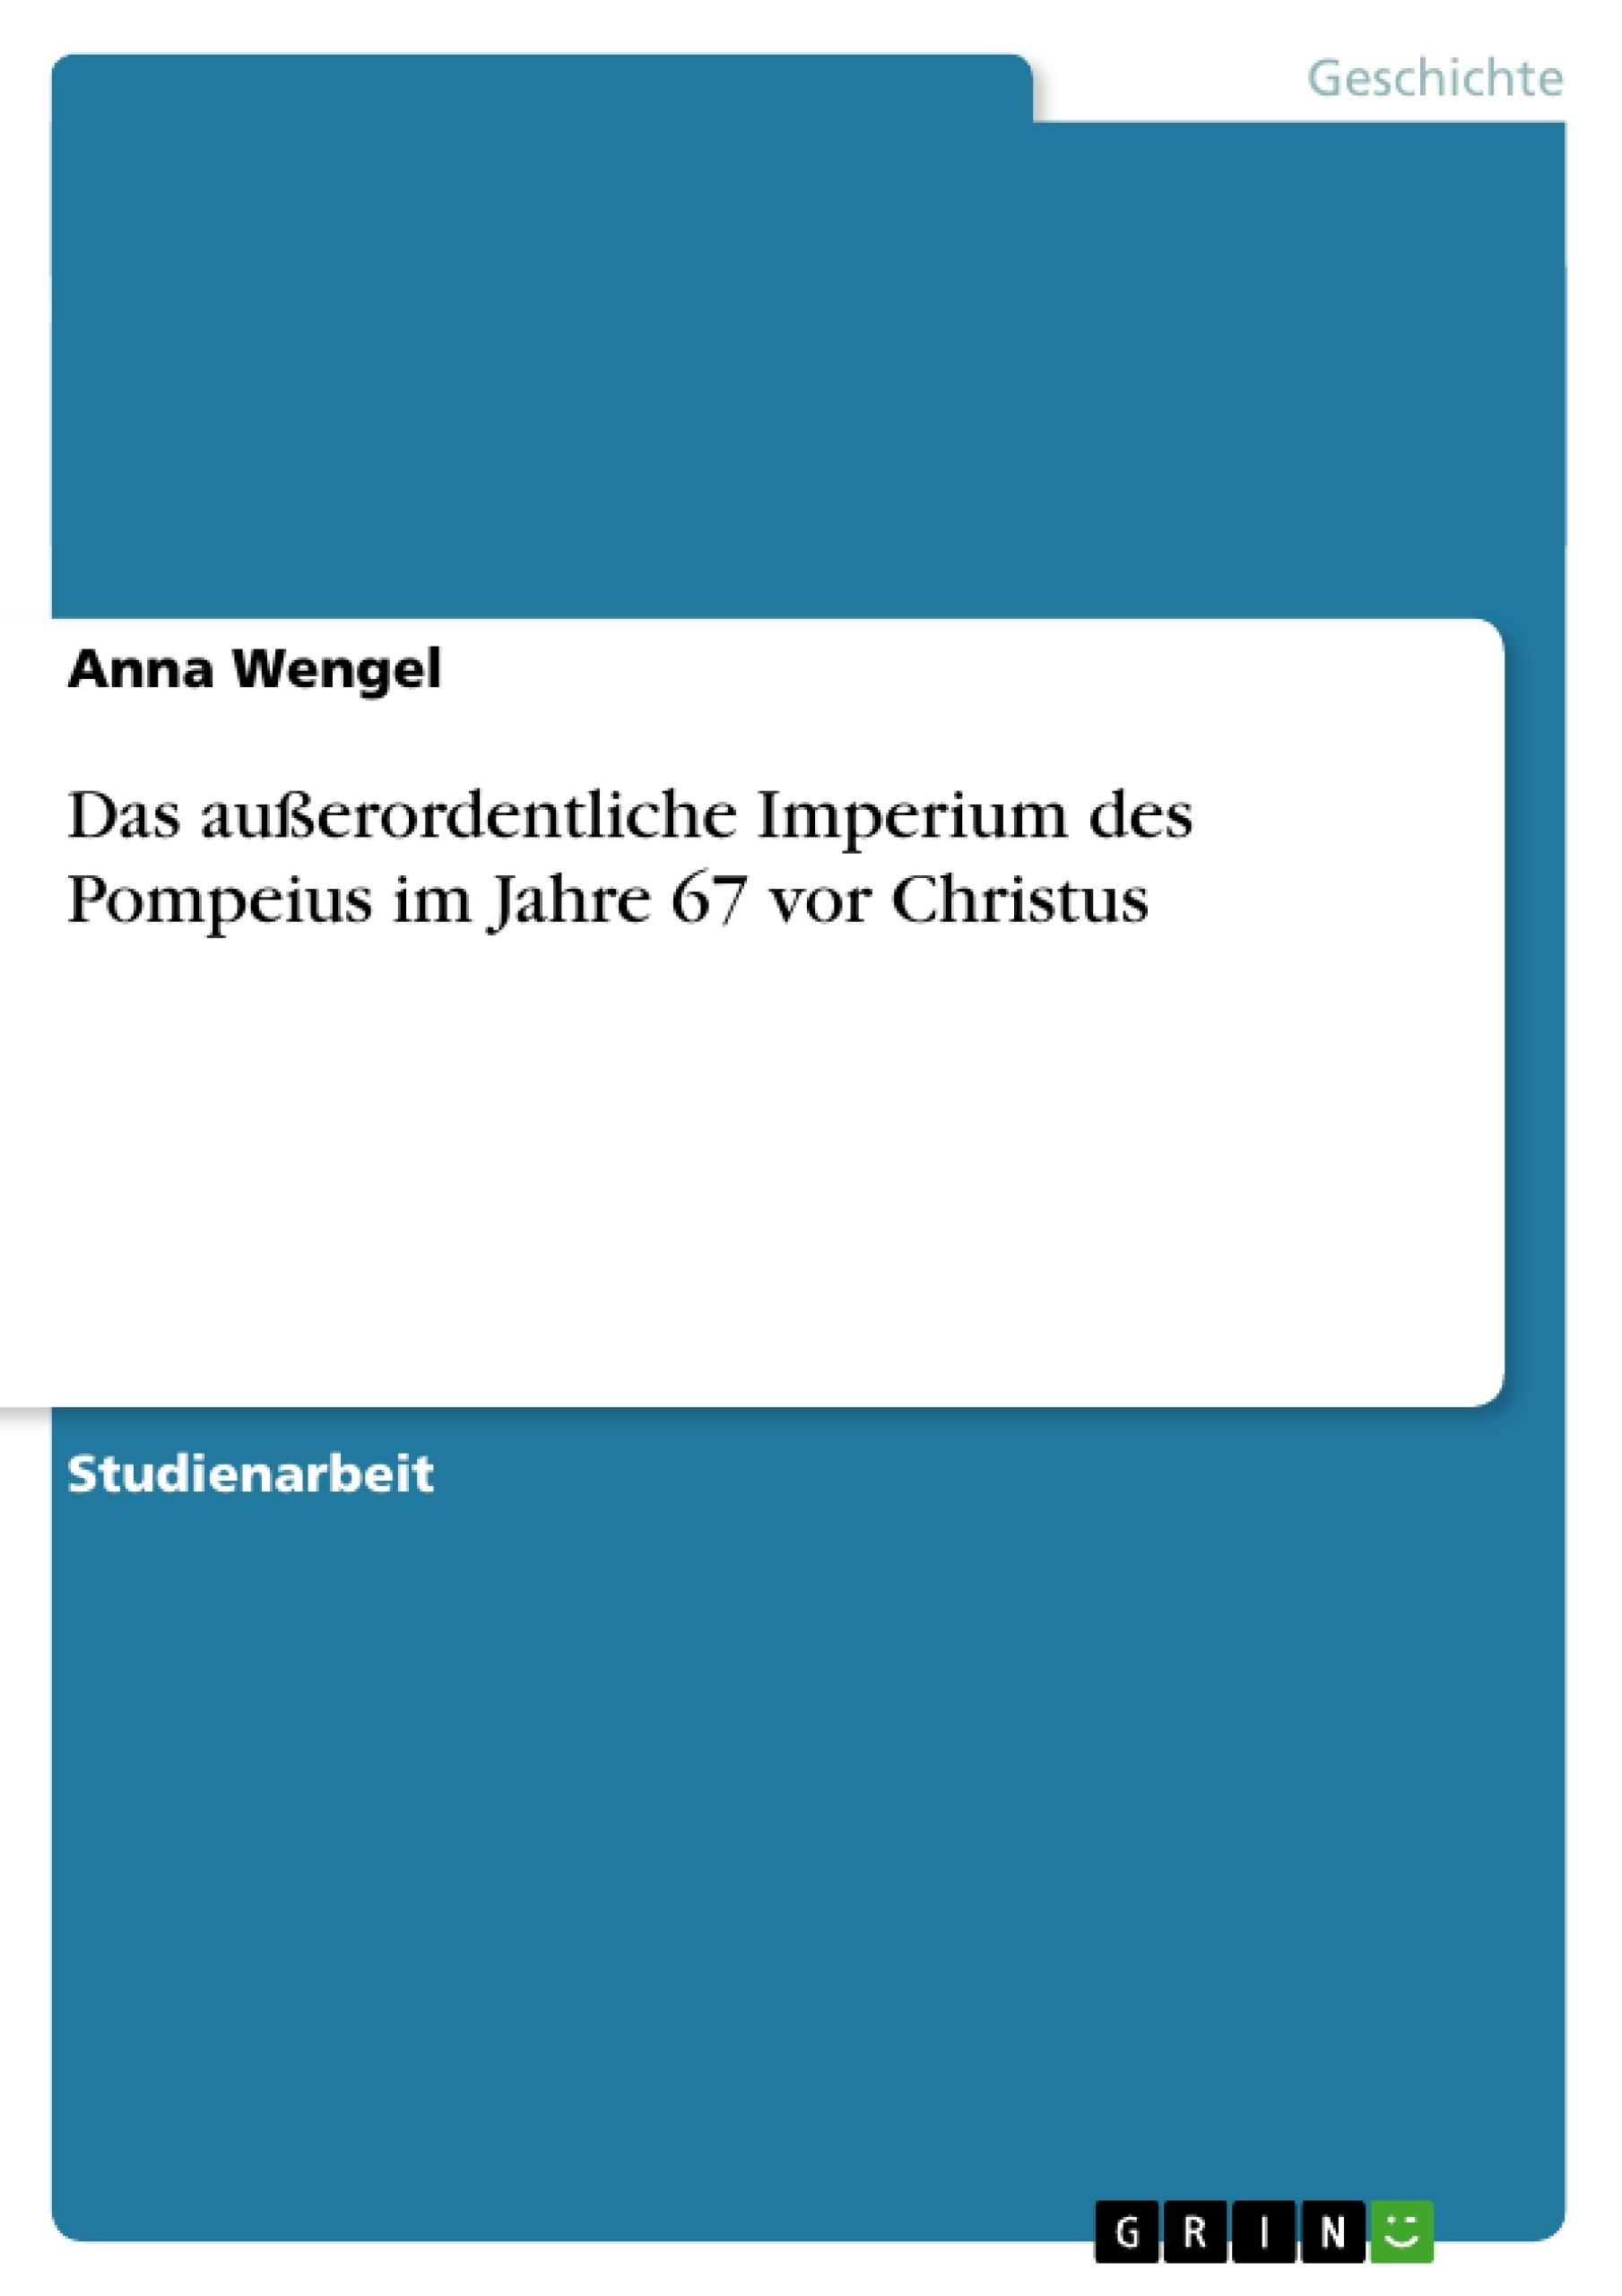 Titel: Das außerordentliche Imperium des Pompeius im Jahre 67 vor Christus